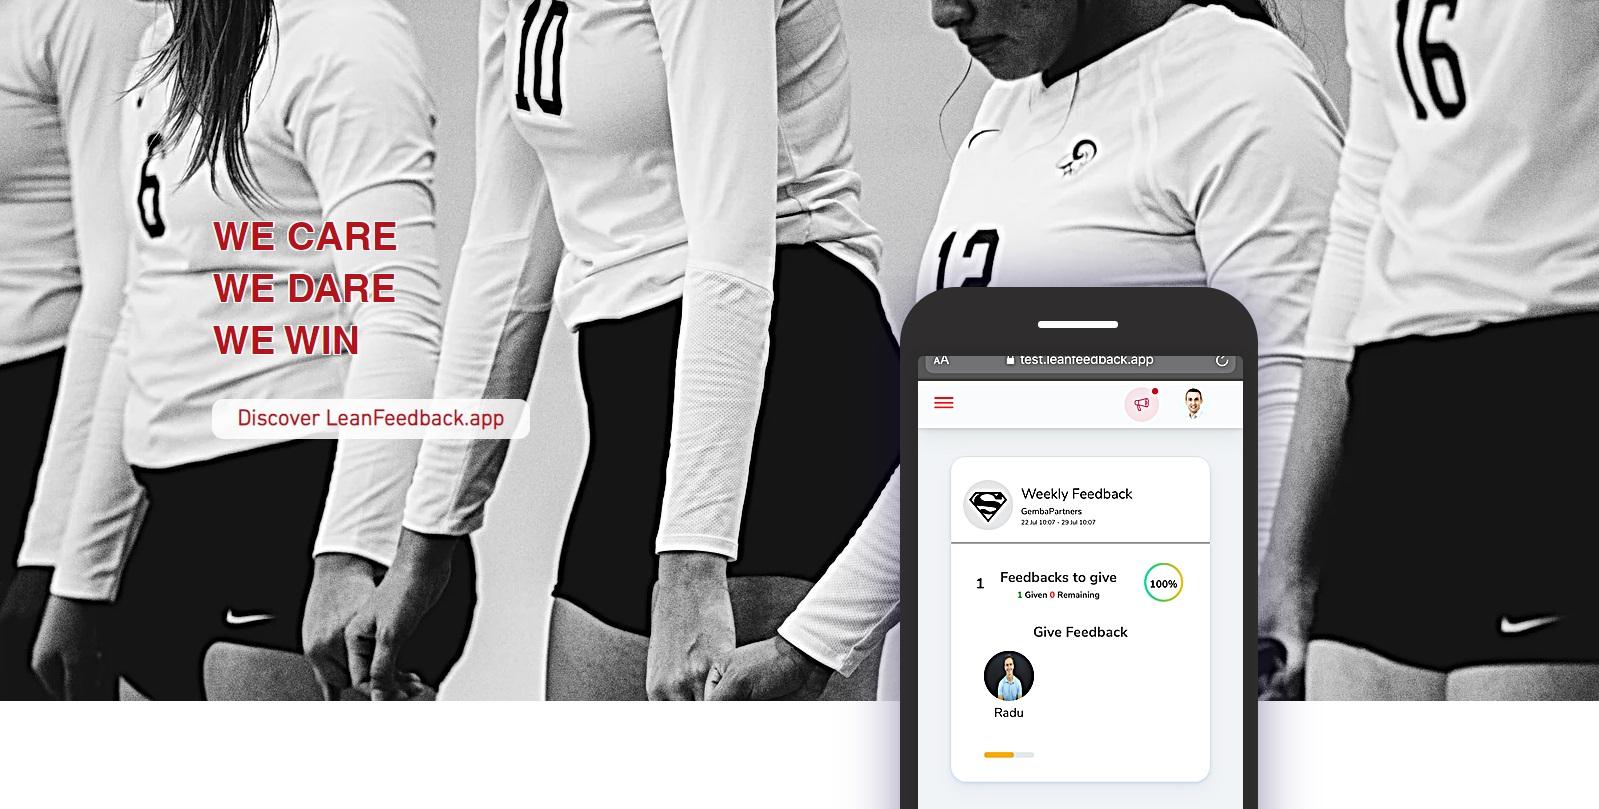 Gemba Partners lansează LeanFeedback.app, un sistem online de management axat pe echipă